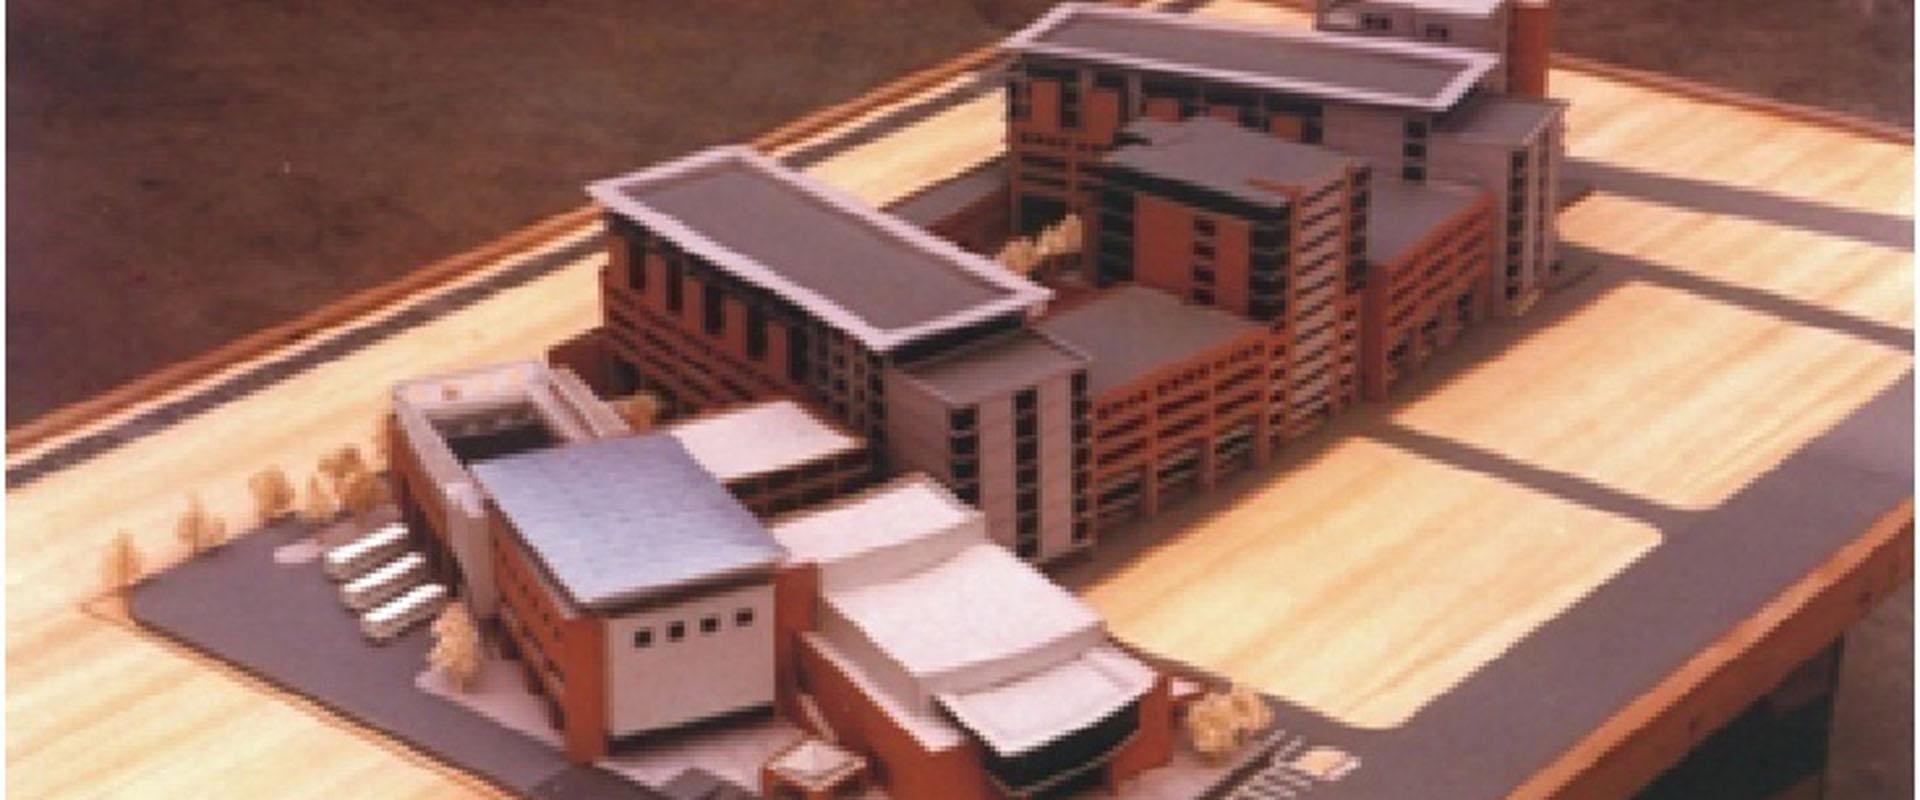 نقشه ساختمان شمالی جنوبی به چه صورت است؟